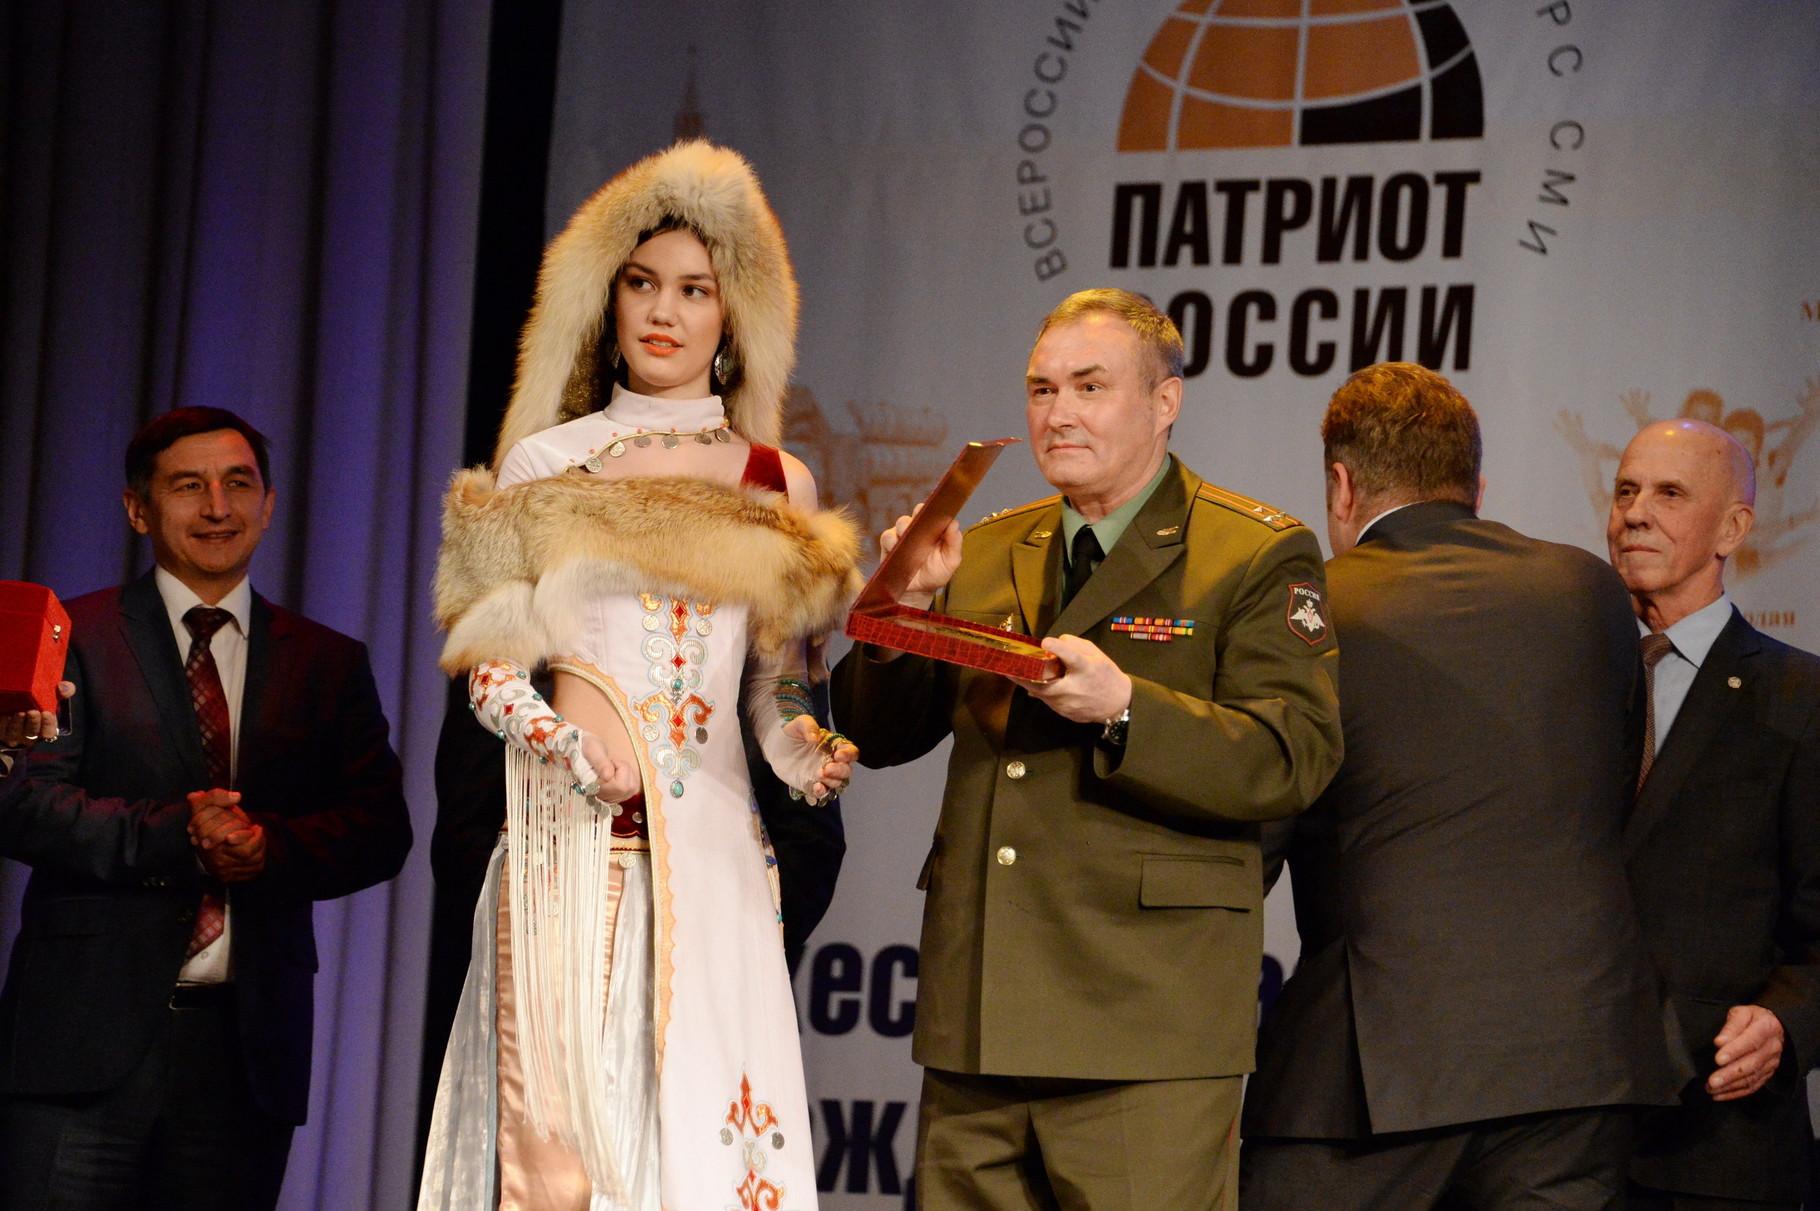 Николай Акбердин вручает специальный приз от Министерства обороны. Фото Павла Герасимова